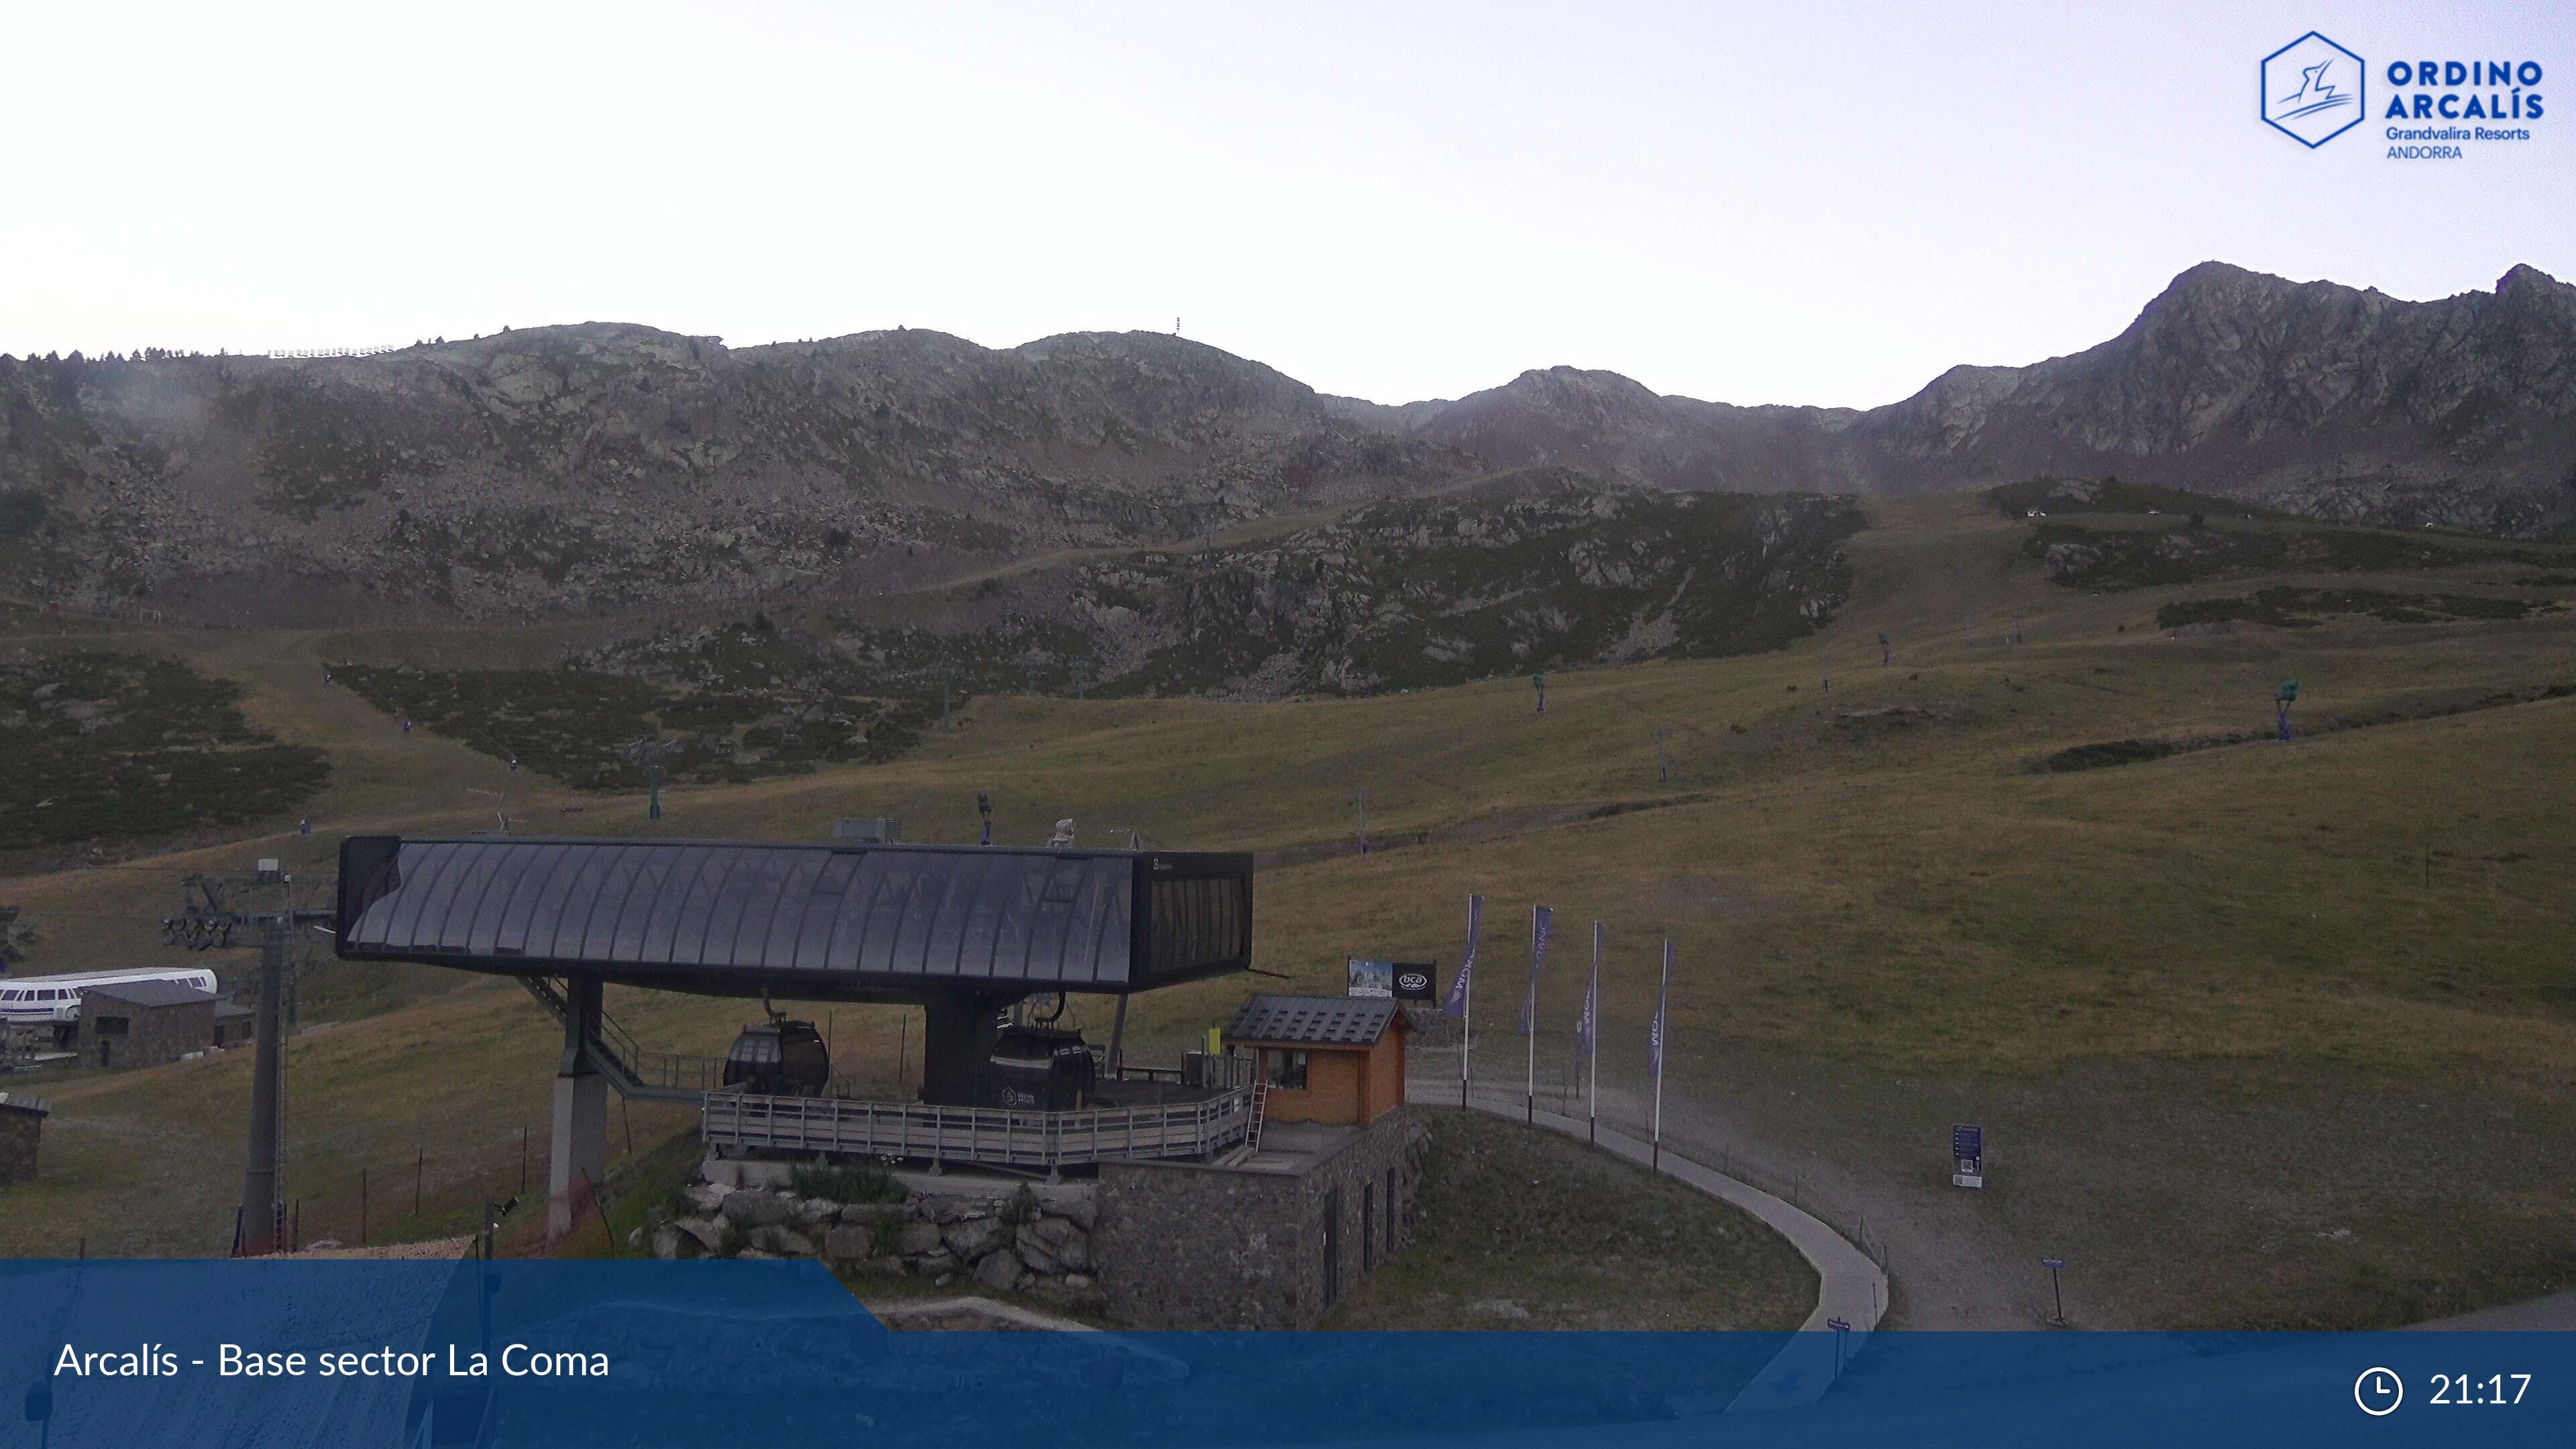 Webcam en La Coma - Telecabina